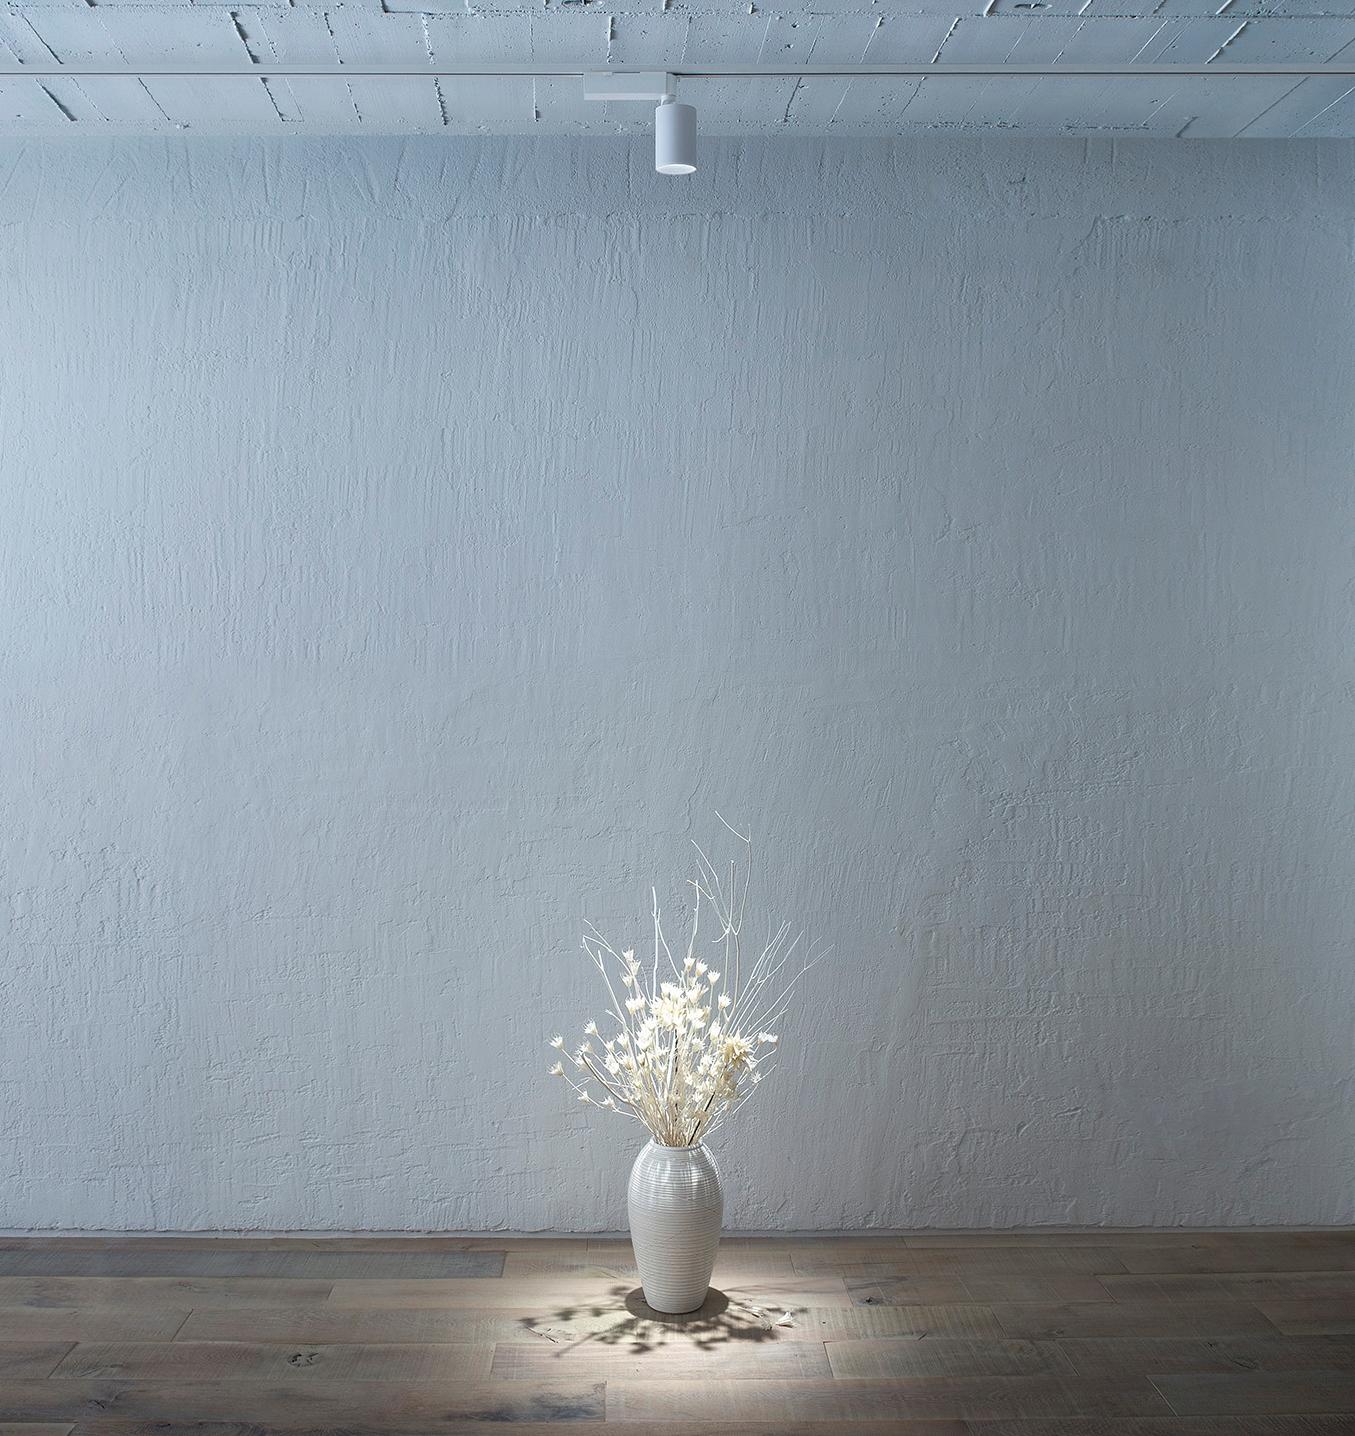 高品質な光を実現する店舗演出用LED照明器具「TOLSO(トルソー)」照射イメージ